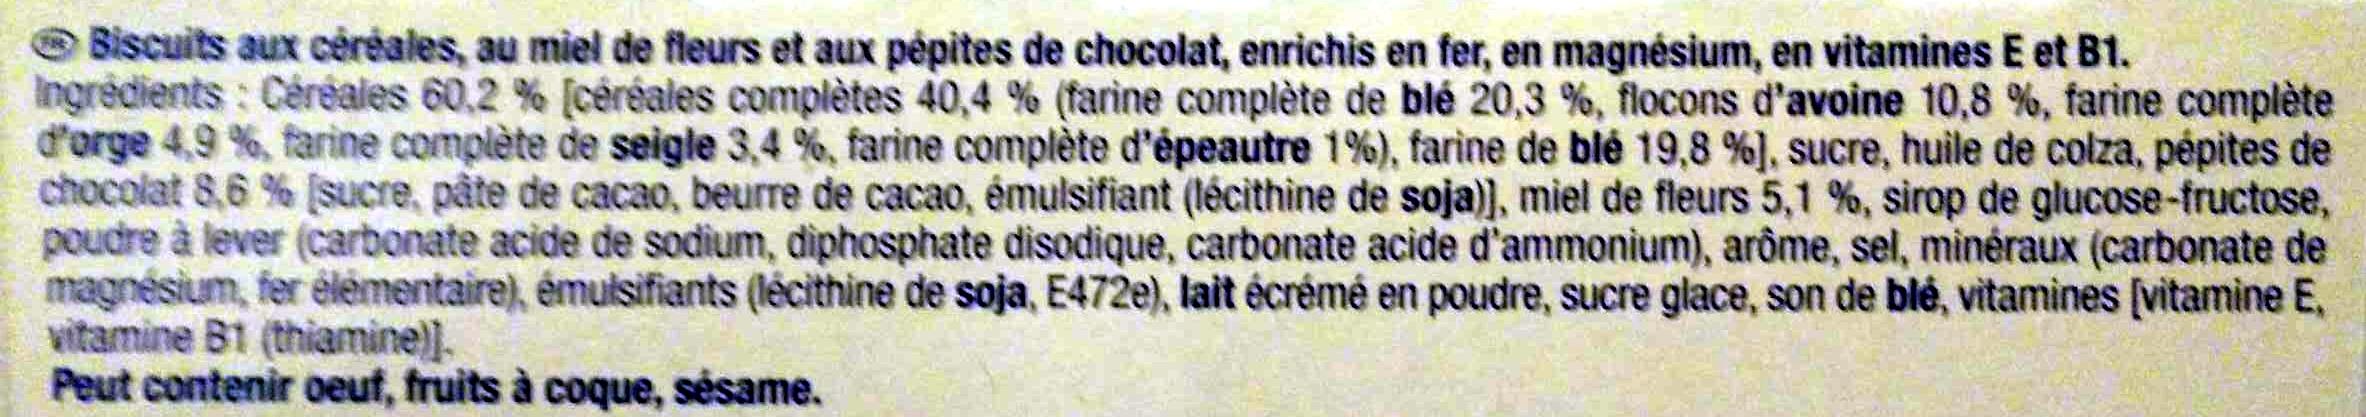 BelVita - Petit Déjeuner - Miel et Pépites de Chocolat - Ingrédients - fr